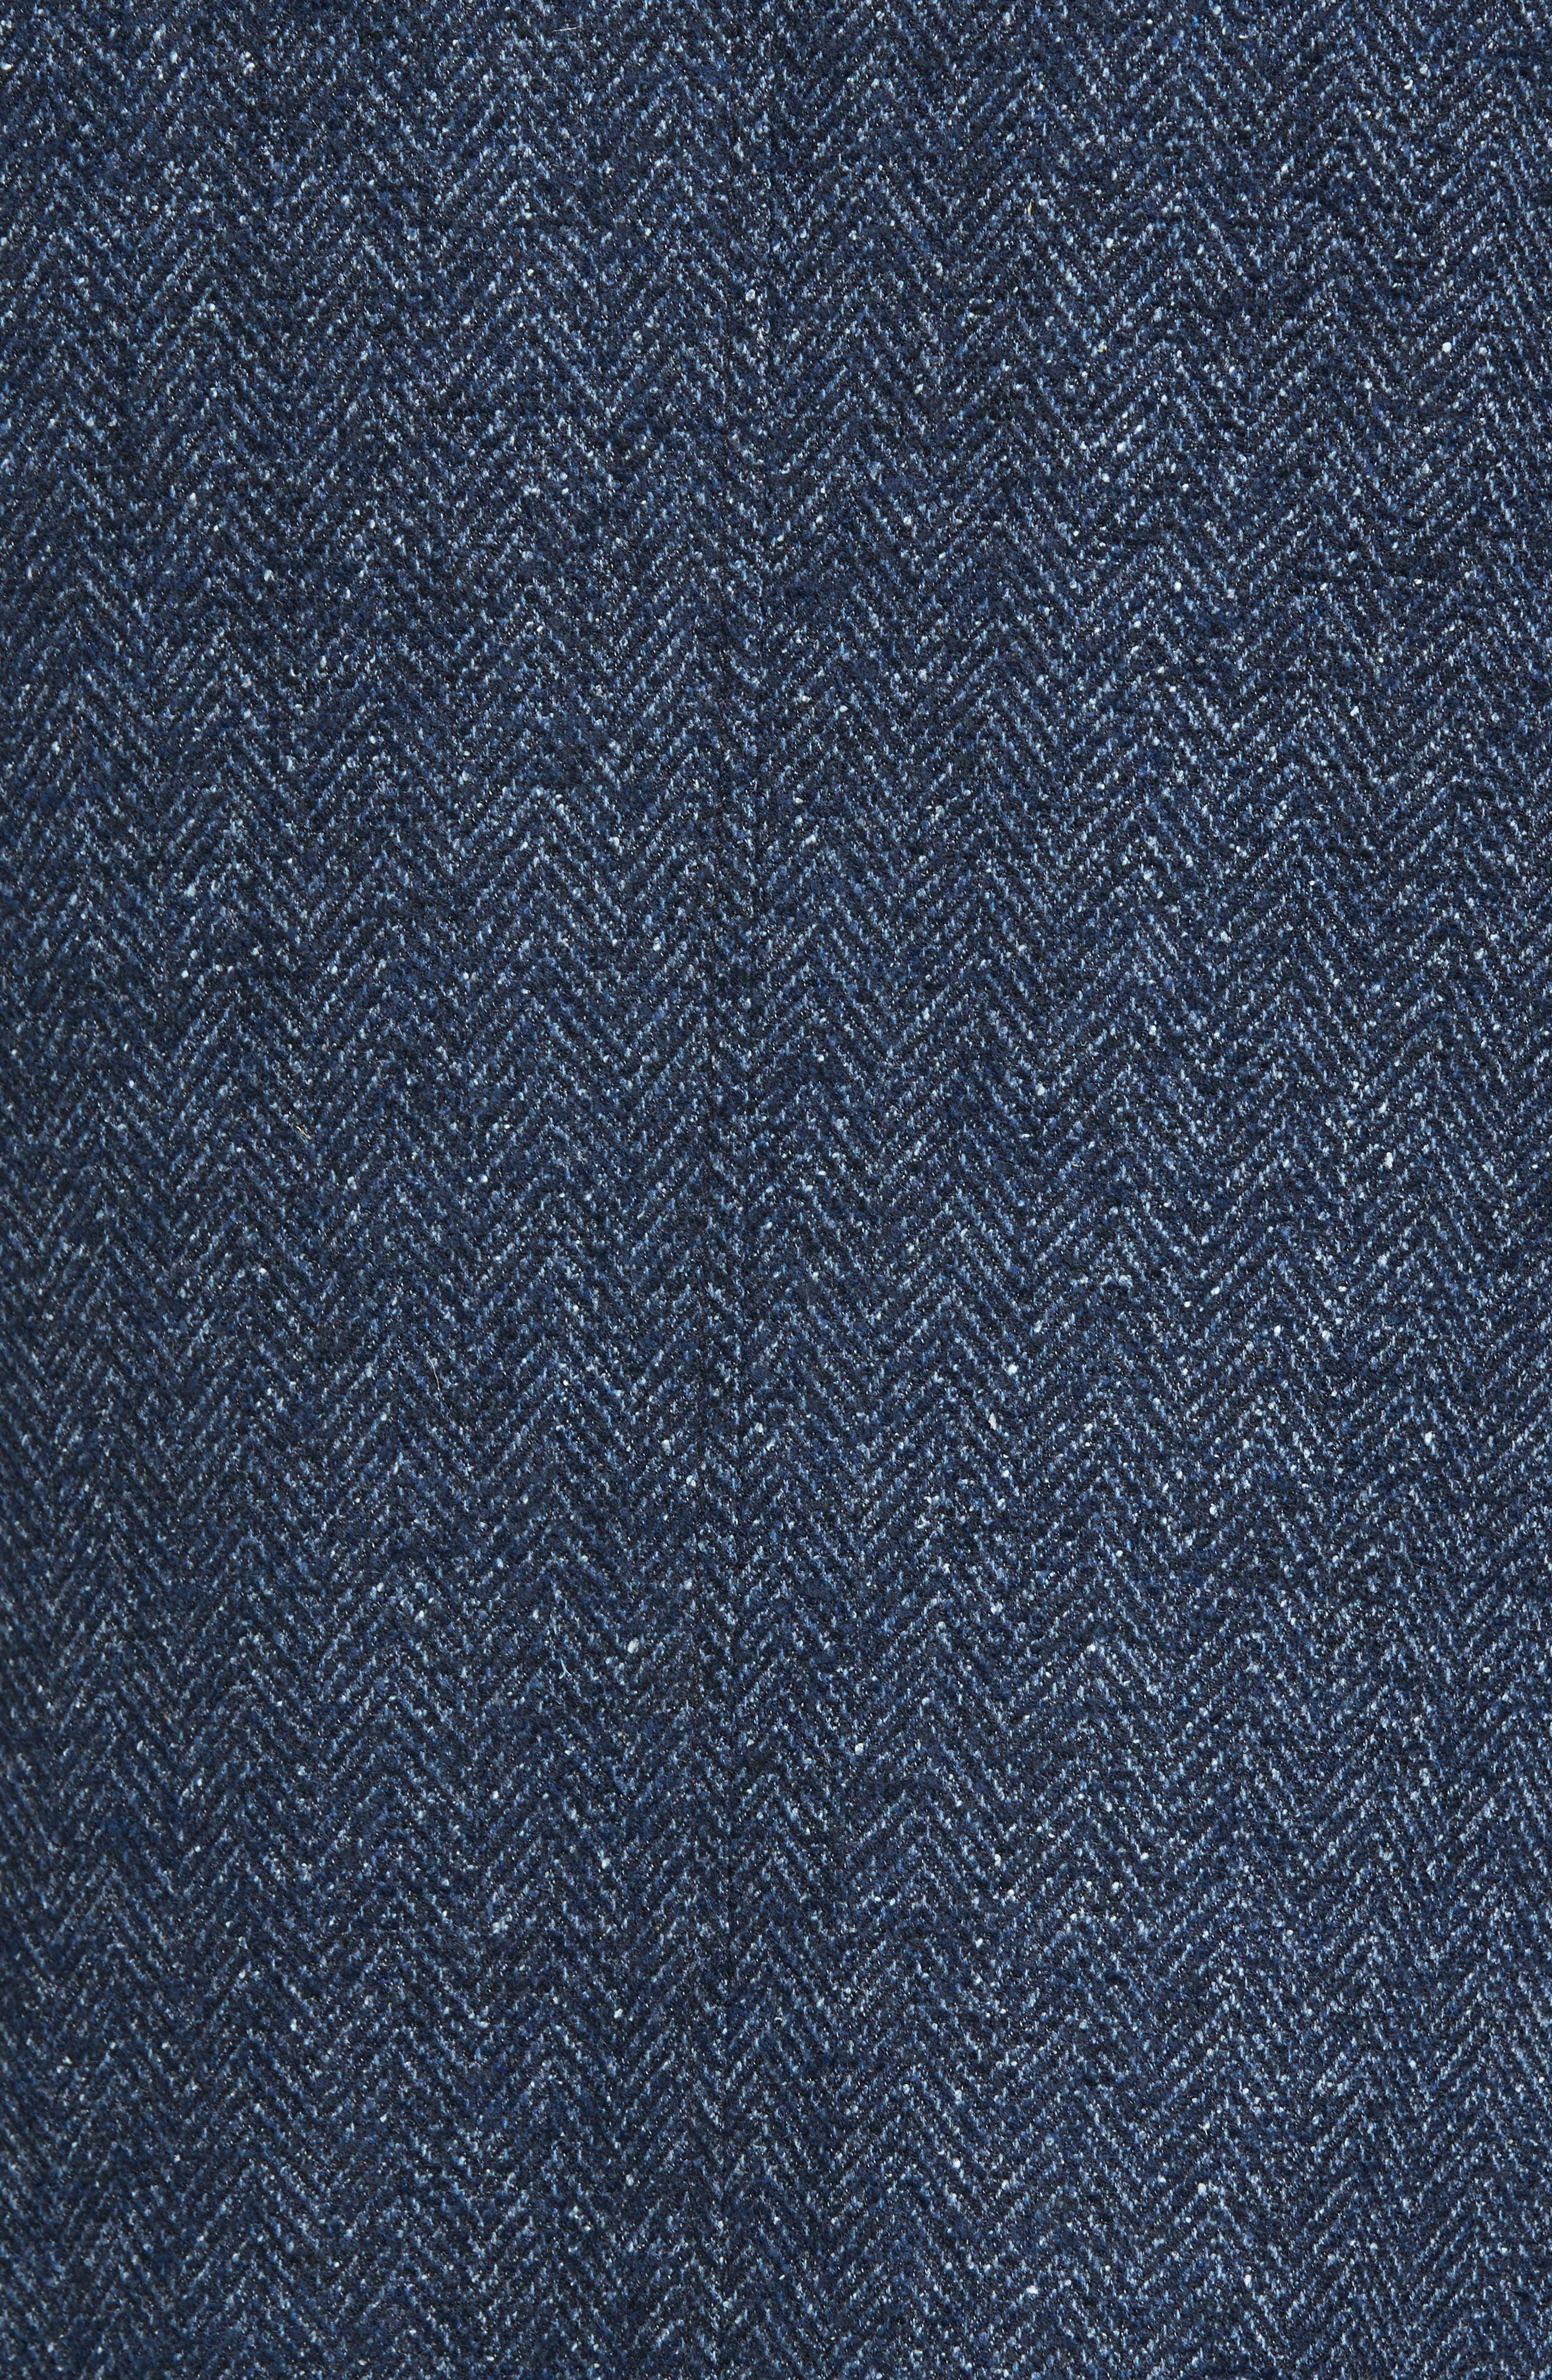 Trim Fit Herringbone Wool Blend Sport Coat,                             Alternate thumbnail 6, color,